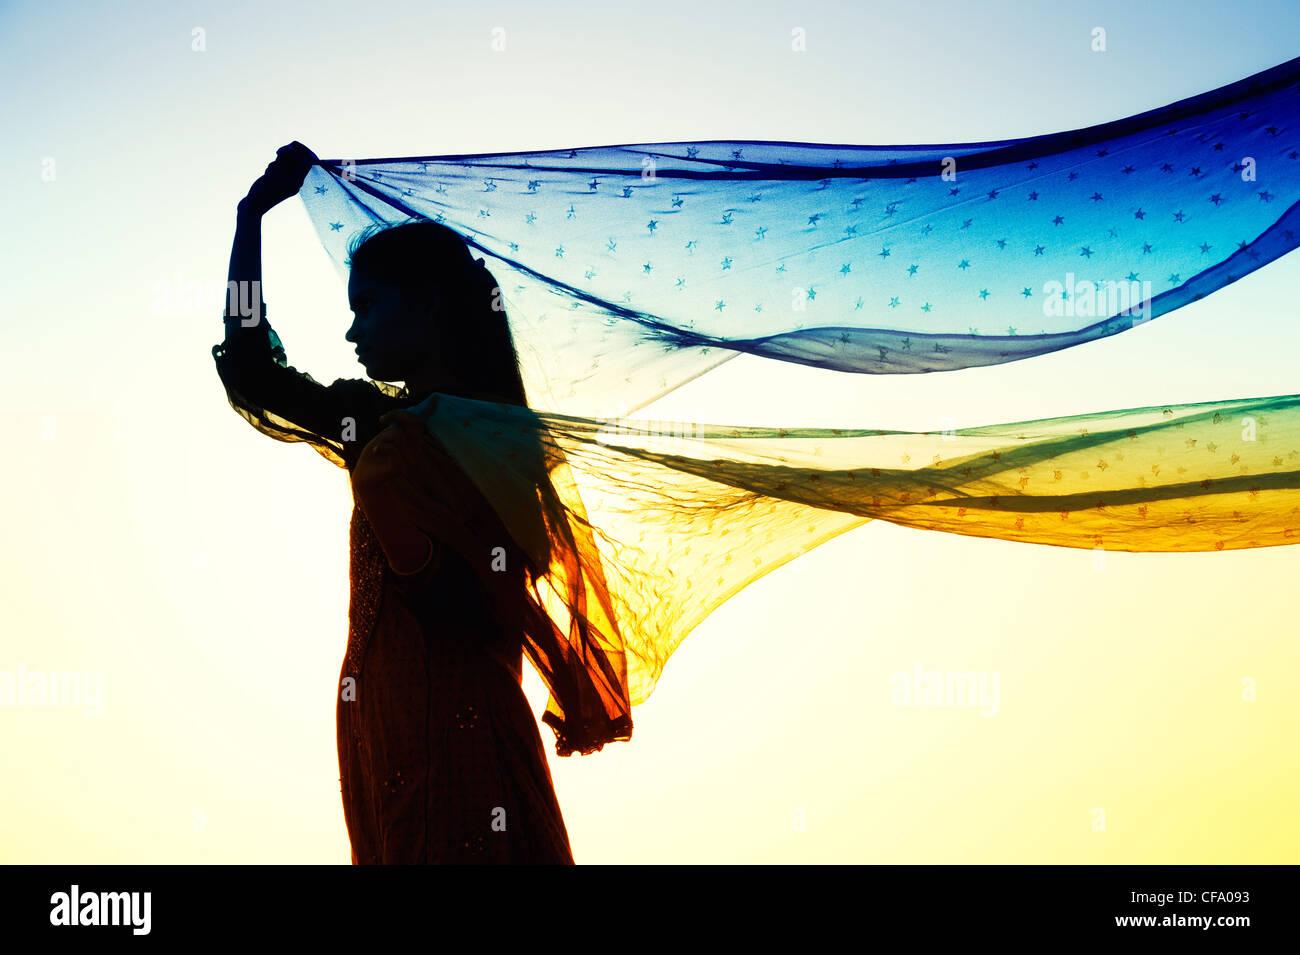 Ragazza indiana con star veli modellata dal vento. Silhouette Immagini Stock